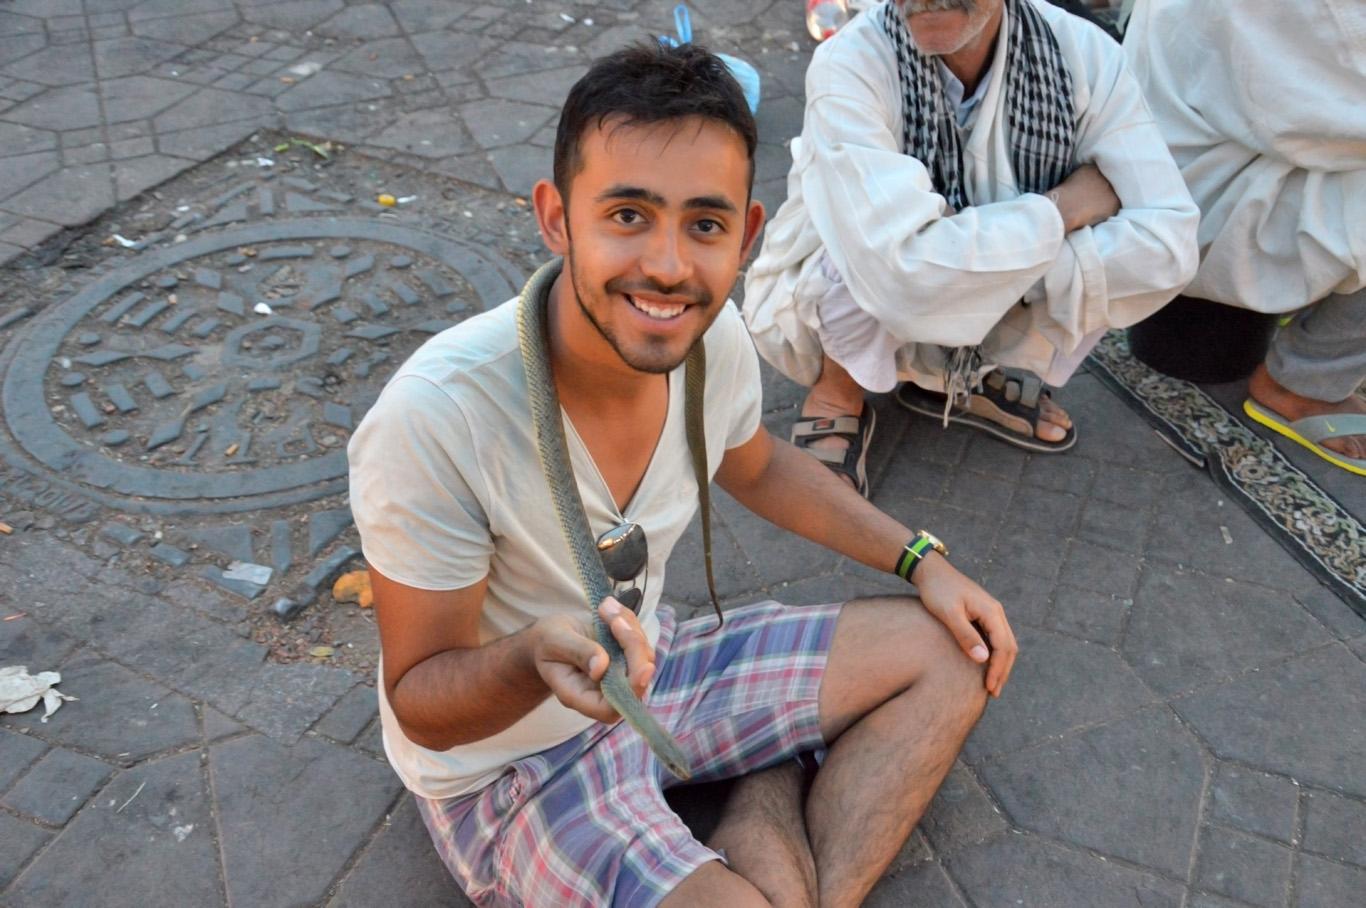 Holding a snake in Medina